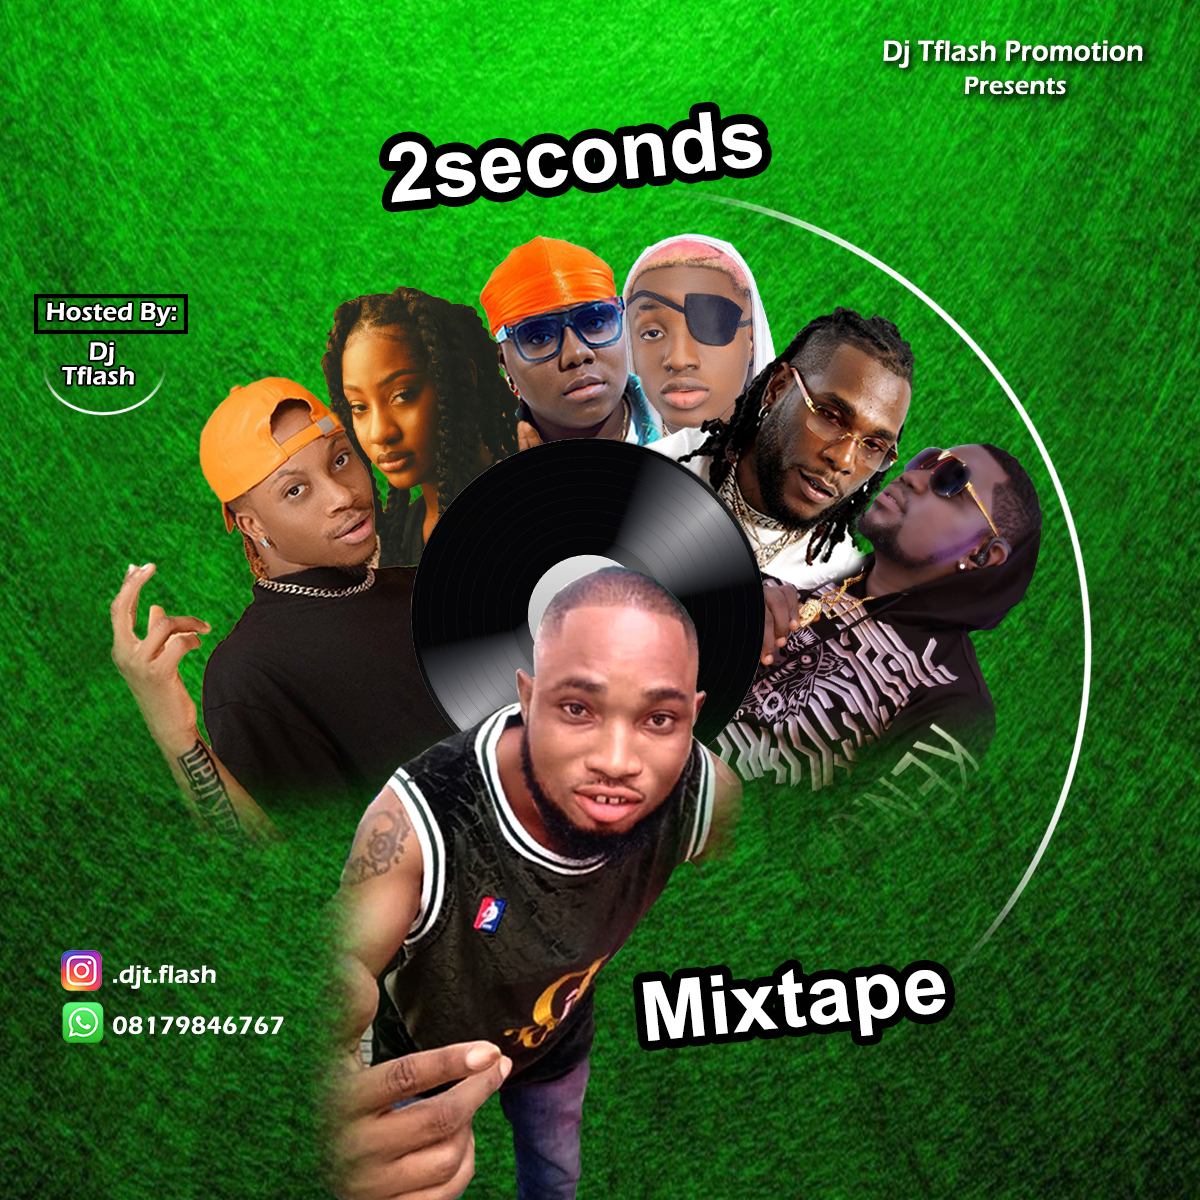 Download Mixtape : DJ T FLASH – 2 SECOND 'MIXXTAPE' 08179846767